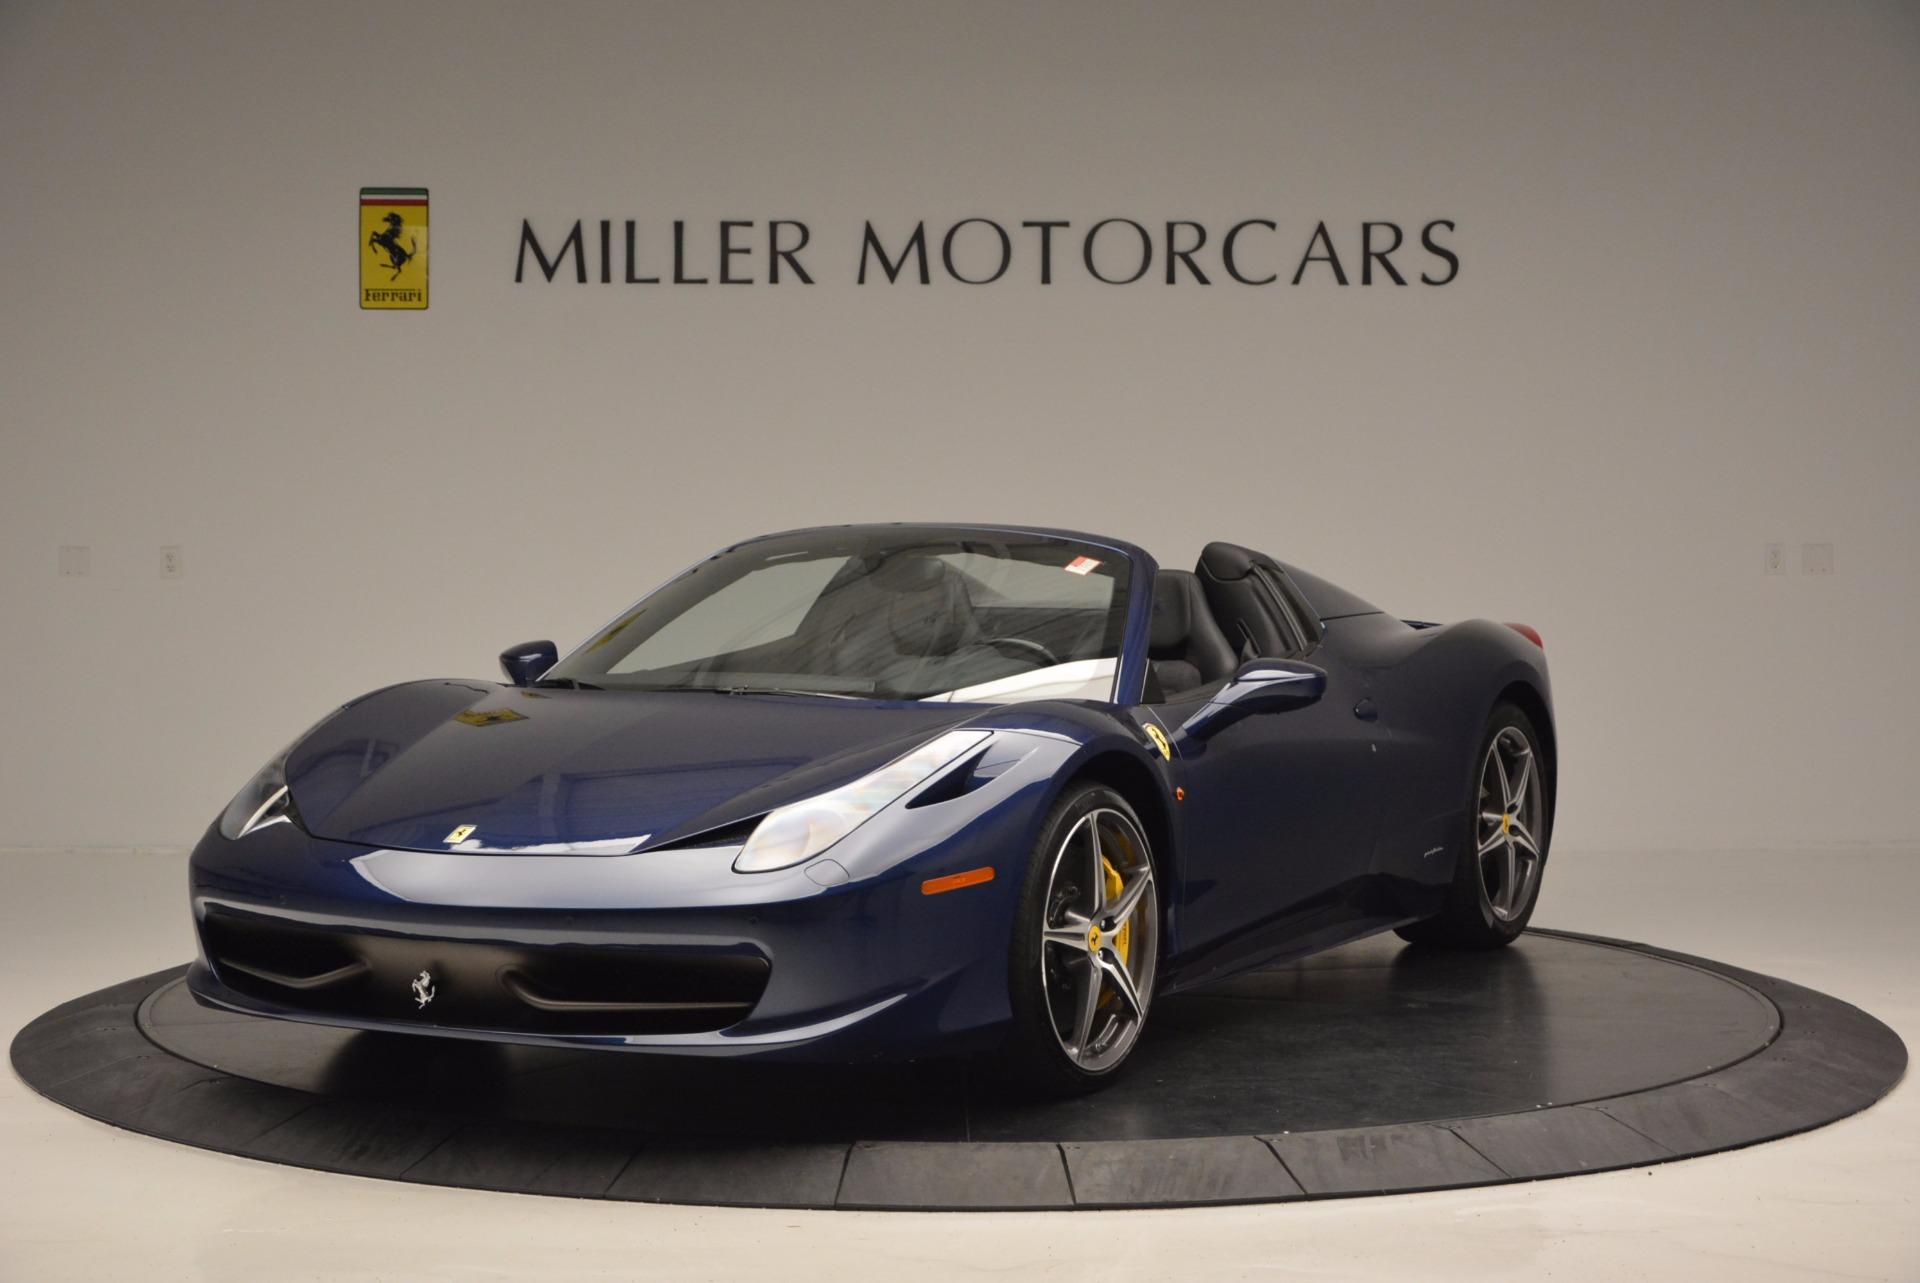 Used 2014 Ferrari 458 Spider For Sale Miller Motorcars